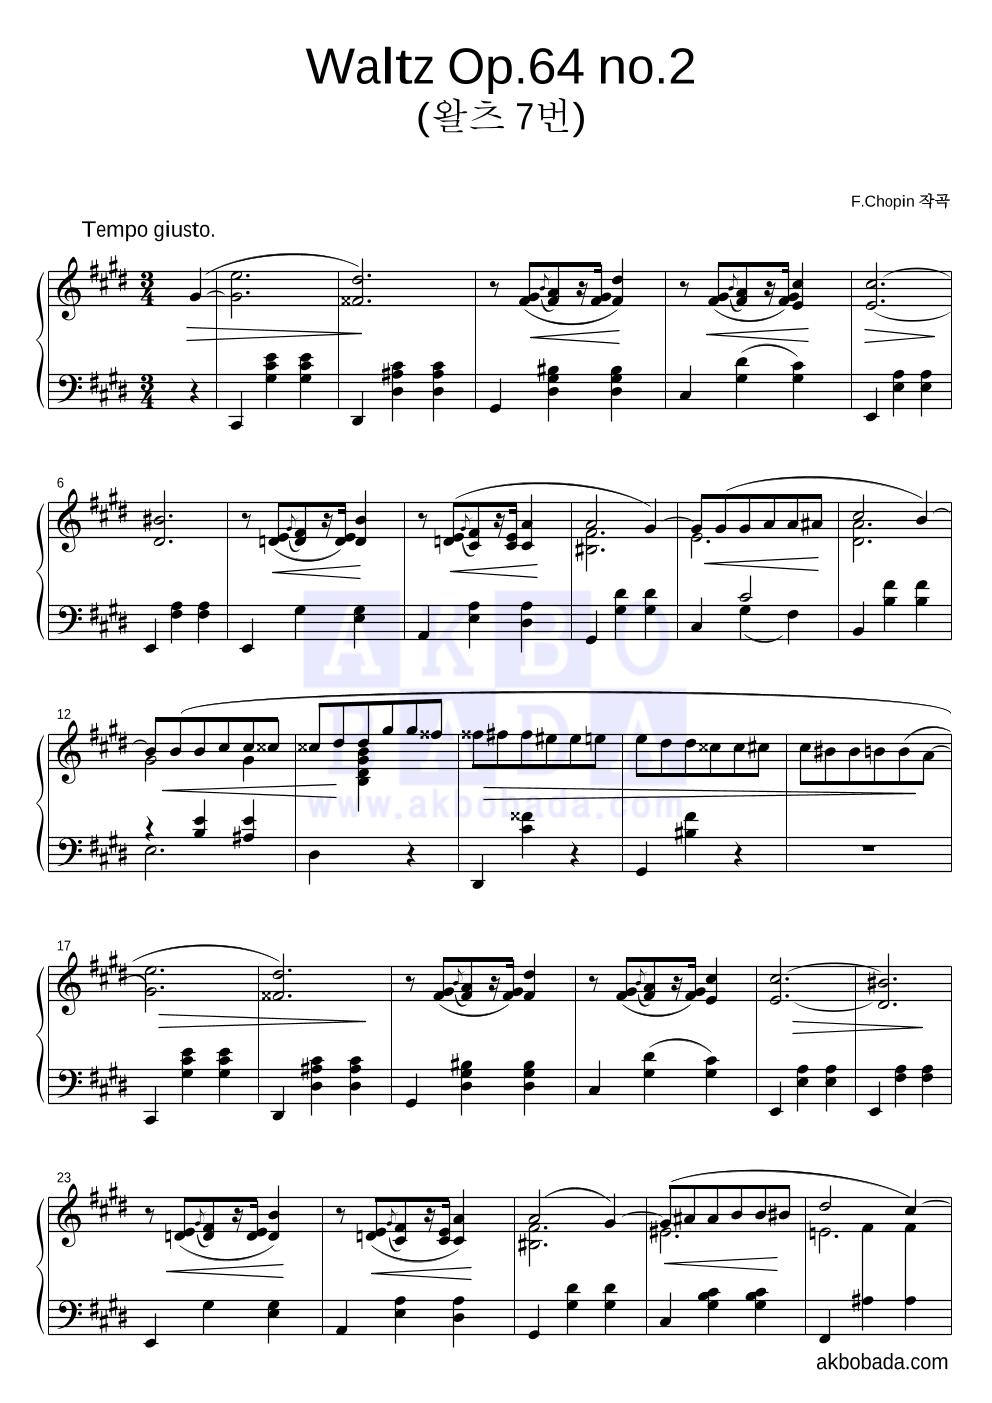 쇼팽 - Waltz Op.64 no.2 (왈츠 7번)  악보